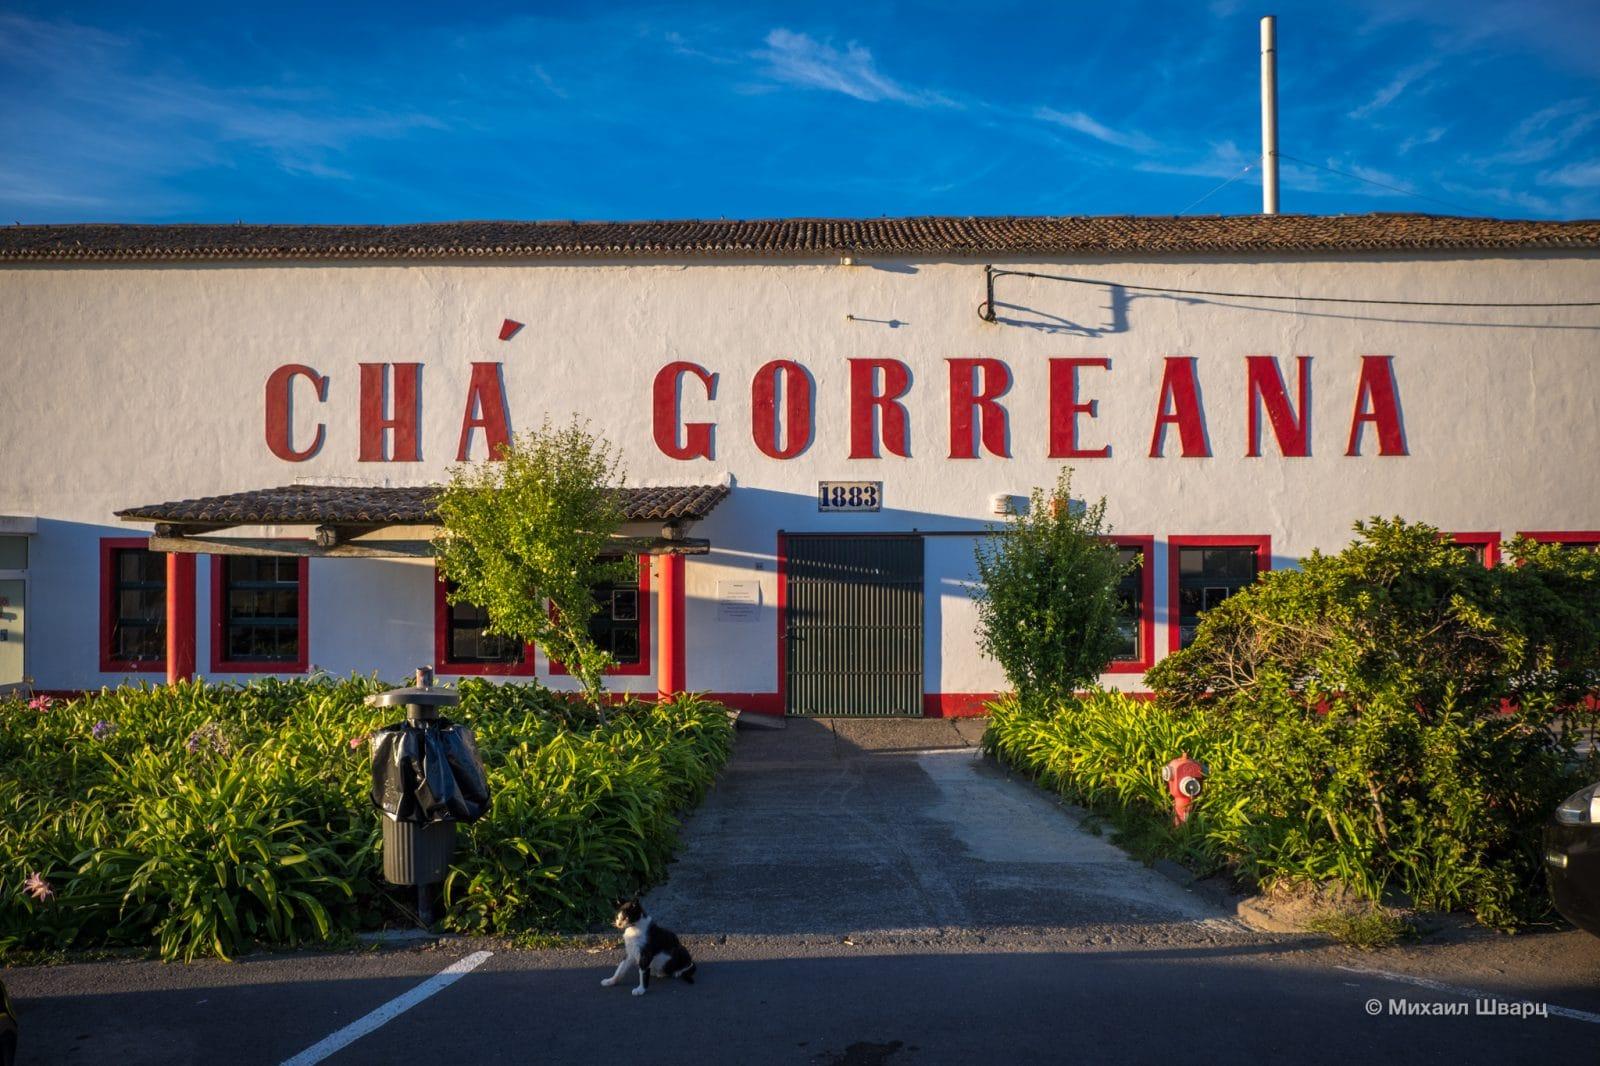 Чайная фабрика Ча Горреана (Fábrica de Chá Gorreana)